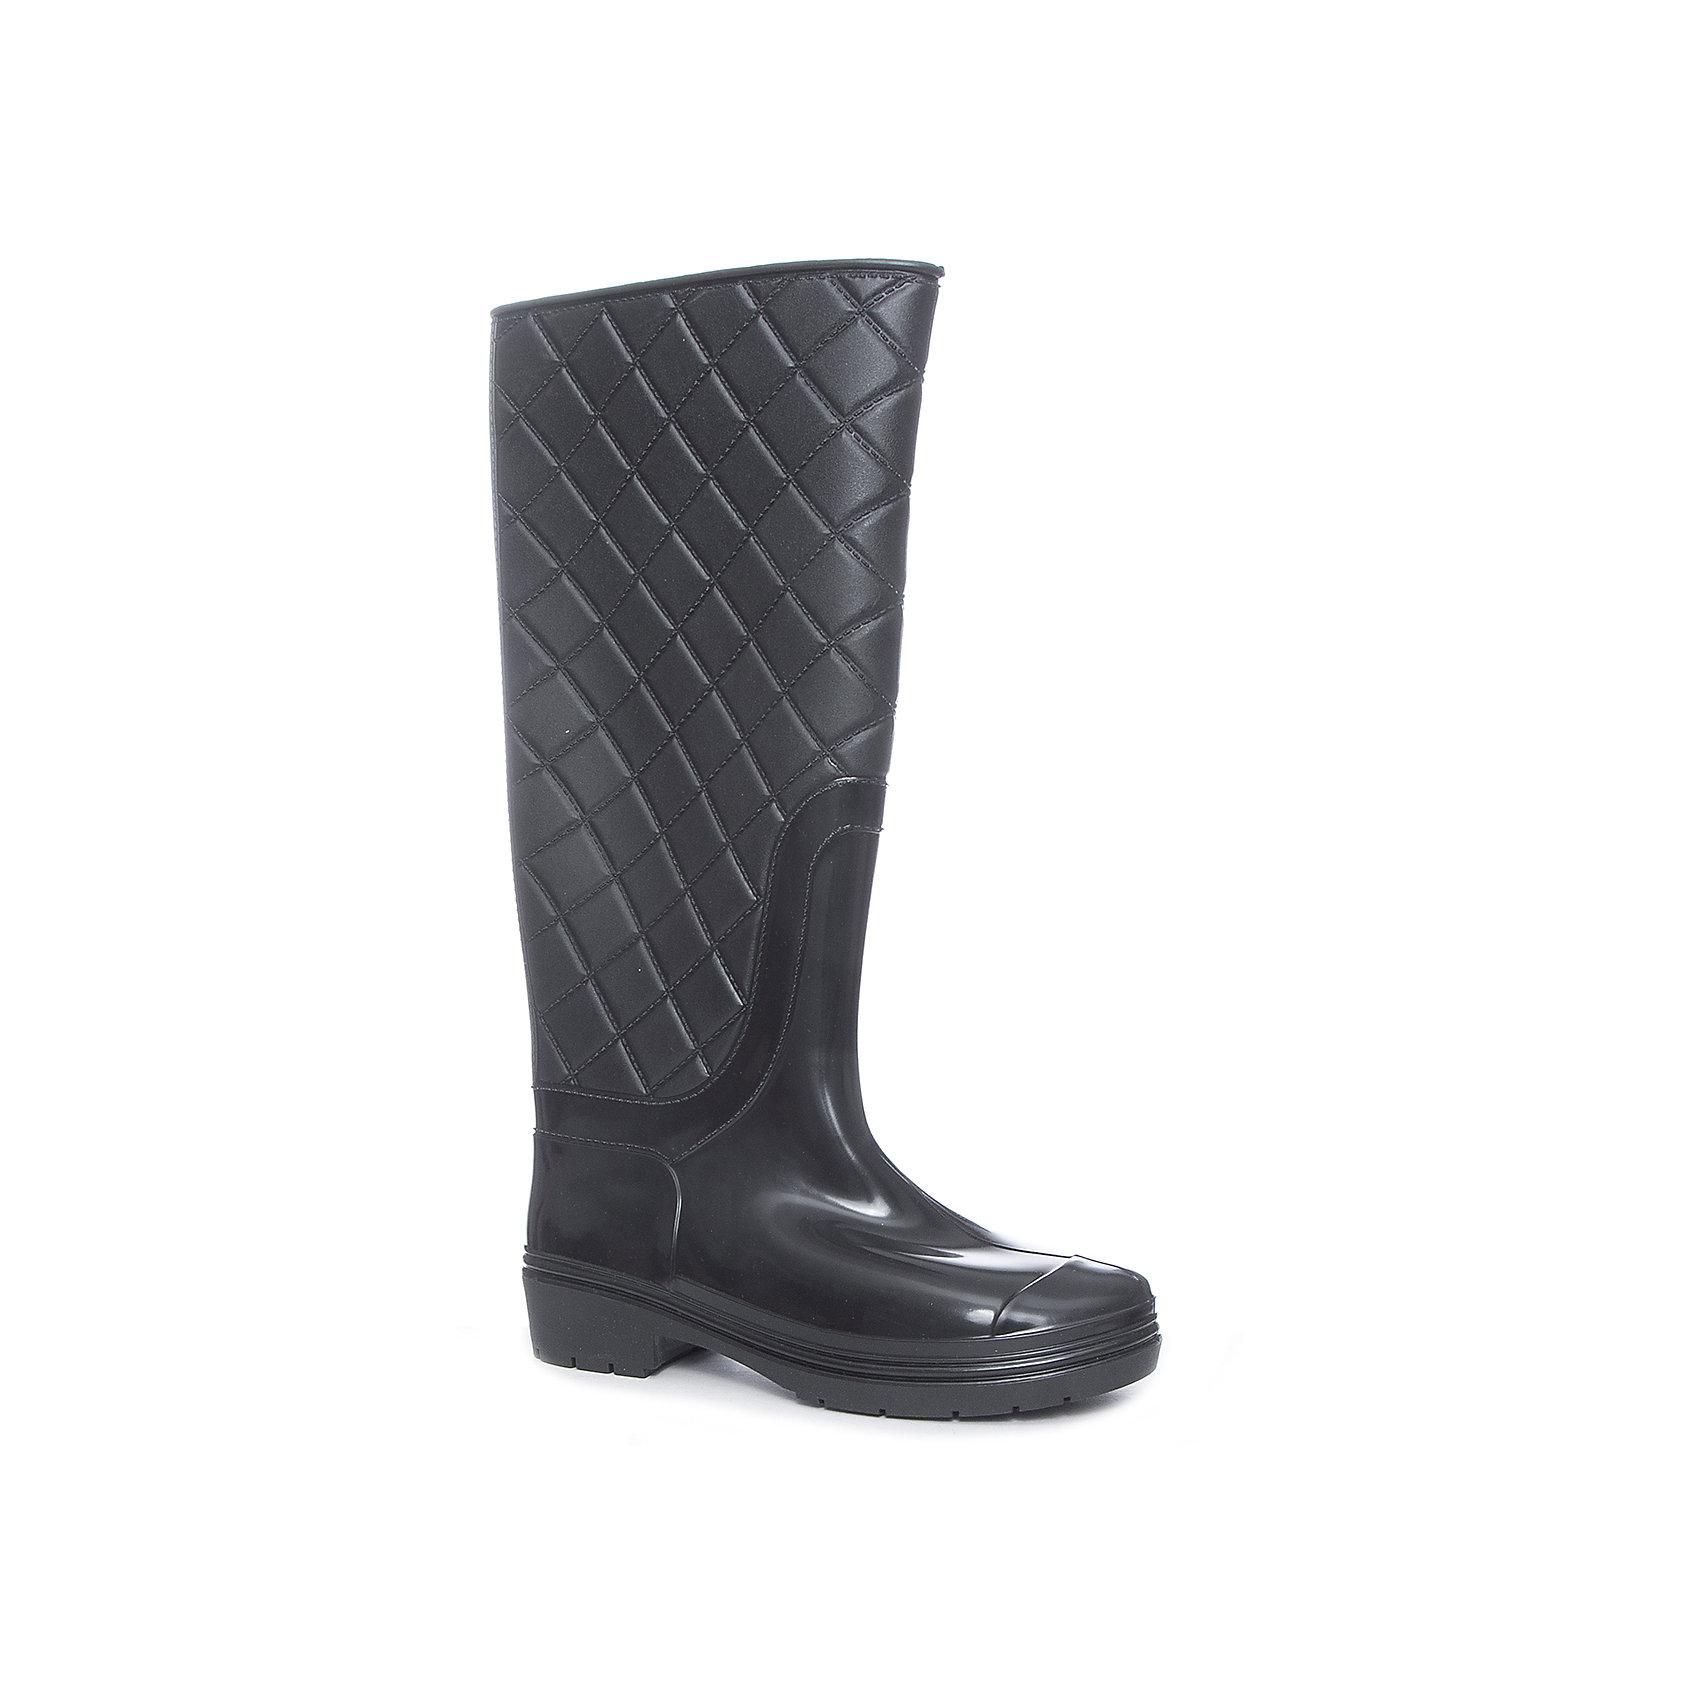 Резиновые сапоги для девочки ScoolРезиновые сапоги<br>Сапоги для девочки Scool<br>Резиновые сапоги прекрасно подойдут для прогулок в дождливую погоду. Сапоги на утолщенной рифленой подошве. Модель на небольшом устойчивом каблуке. Мягкая подкладка обеспечит комфорт ногам.Преимущества: Модель на небольшом каблукеВысокая рифленая подошваМодель на мягкой подкладке<br>Состав:<br>Верх:100%поливинилхлорид;Подкладка:100%нейлон;Подошва:100%поливинилхлорид<br><br>Ширина мм: 257<br>Глубина мм: 180<br>Высота мм: 130<br>Вес г: 420<br>Цвет: черный<br>Возраст от месяцев: 168<br>Возраст до месяцев: 192<br>Пол: Женский<br>Возраст: Детский<br>Размер: 40,36,37,38,39<br>SKU: 5407161